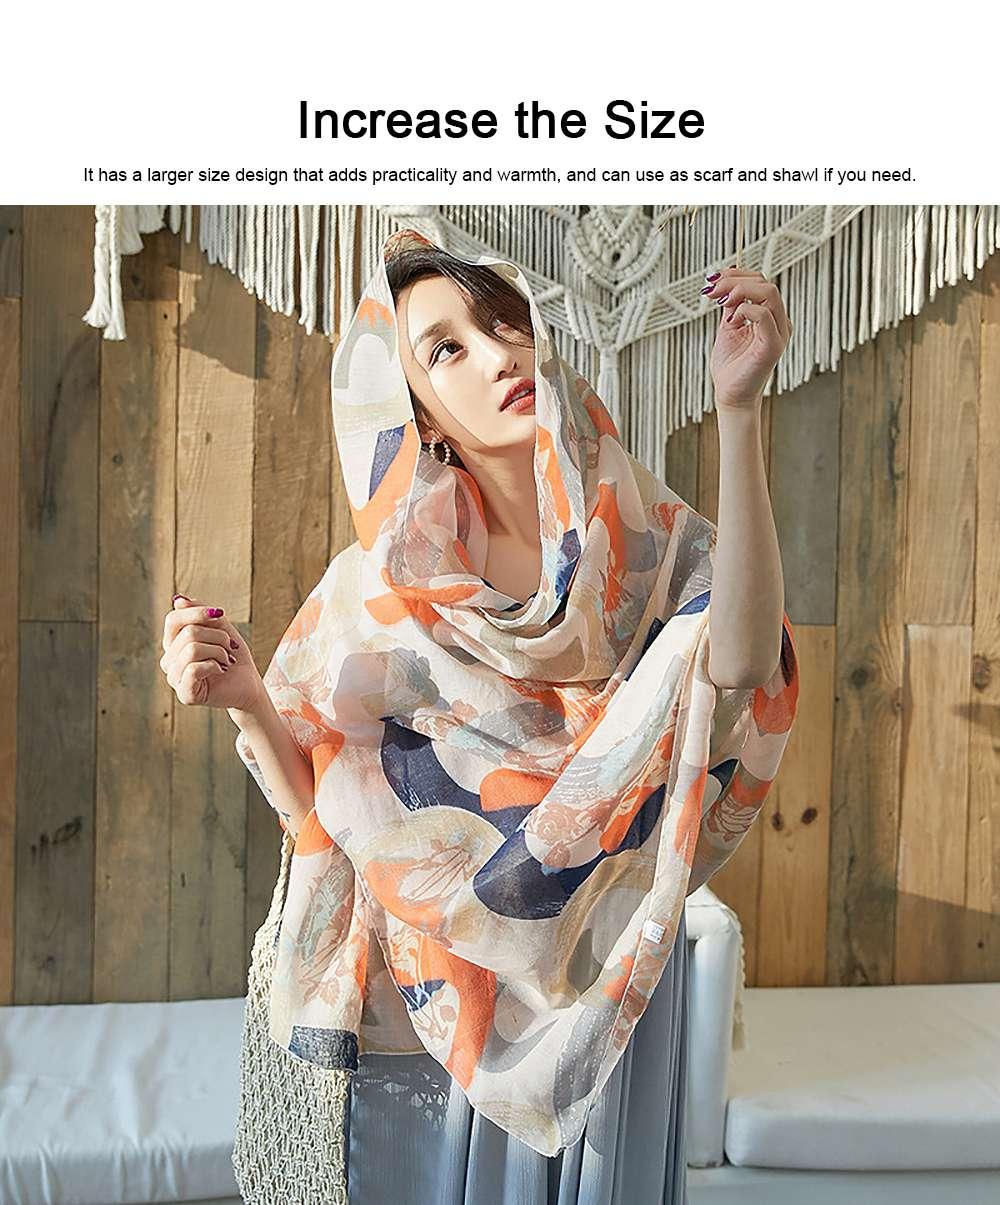 Korean Cotton Scarf for Women, Graffiti Pattern Larger Size Shawl, Multi-function Wide Range Printing Scarf 3